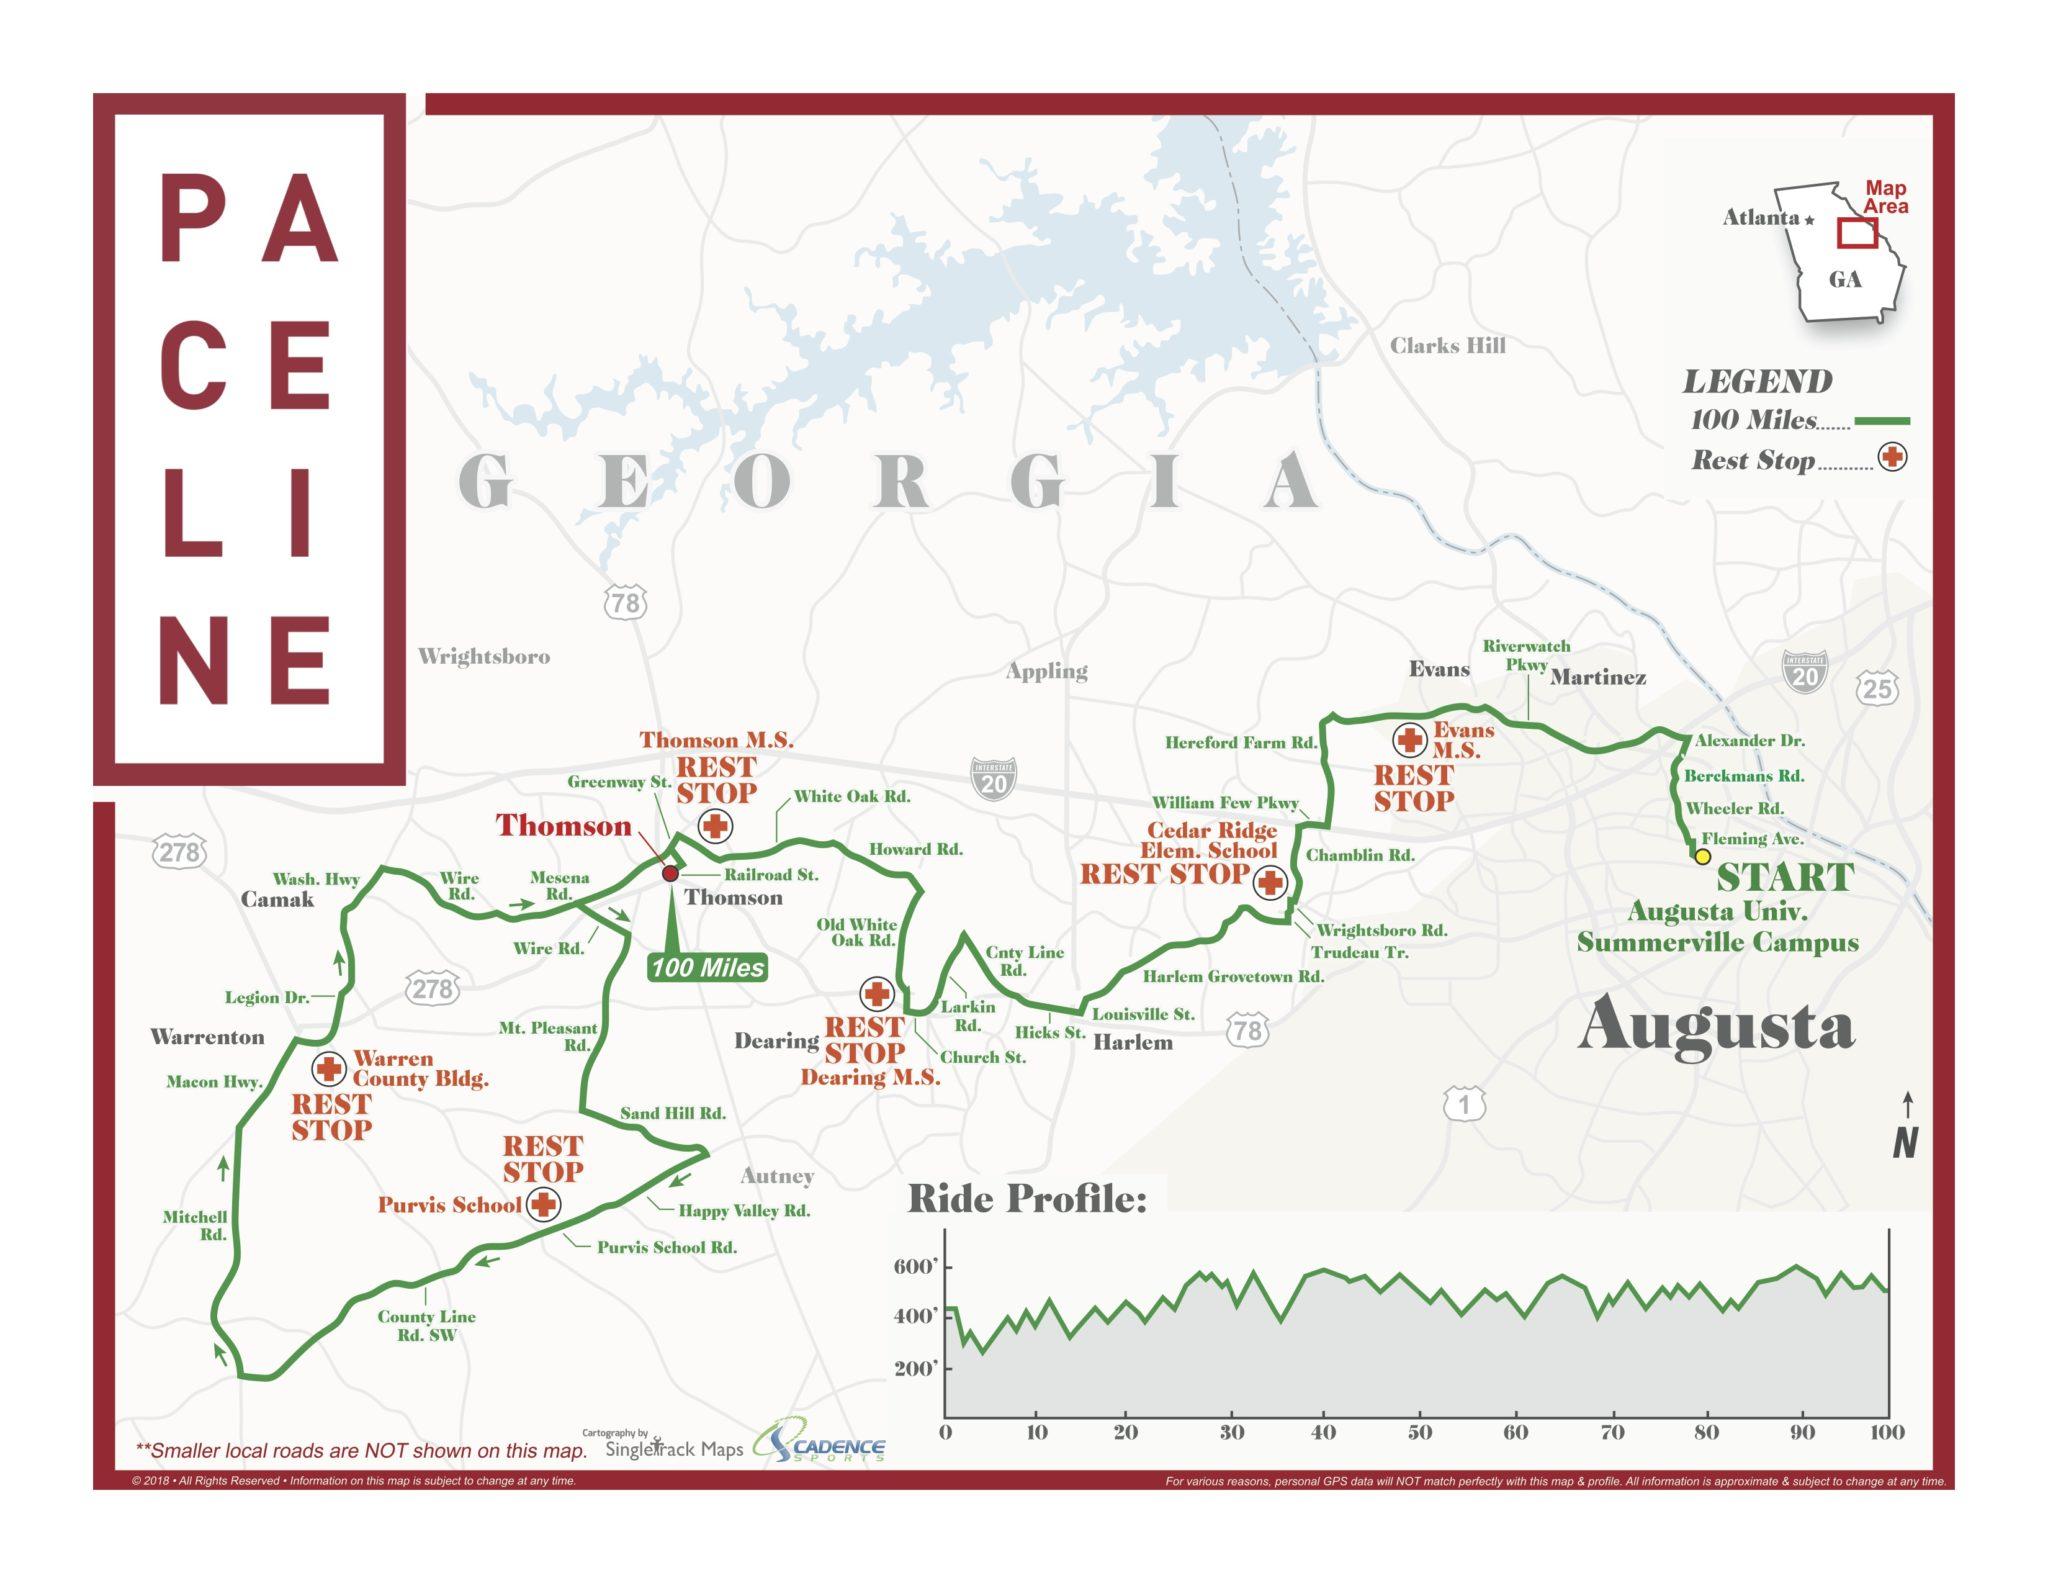 Paceline 100 Mile Route